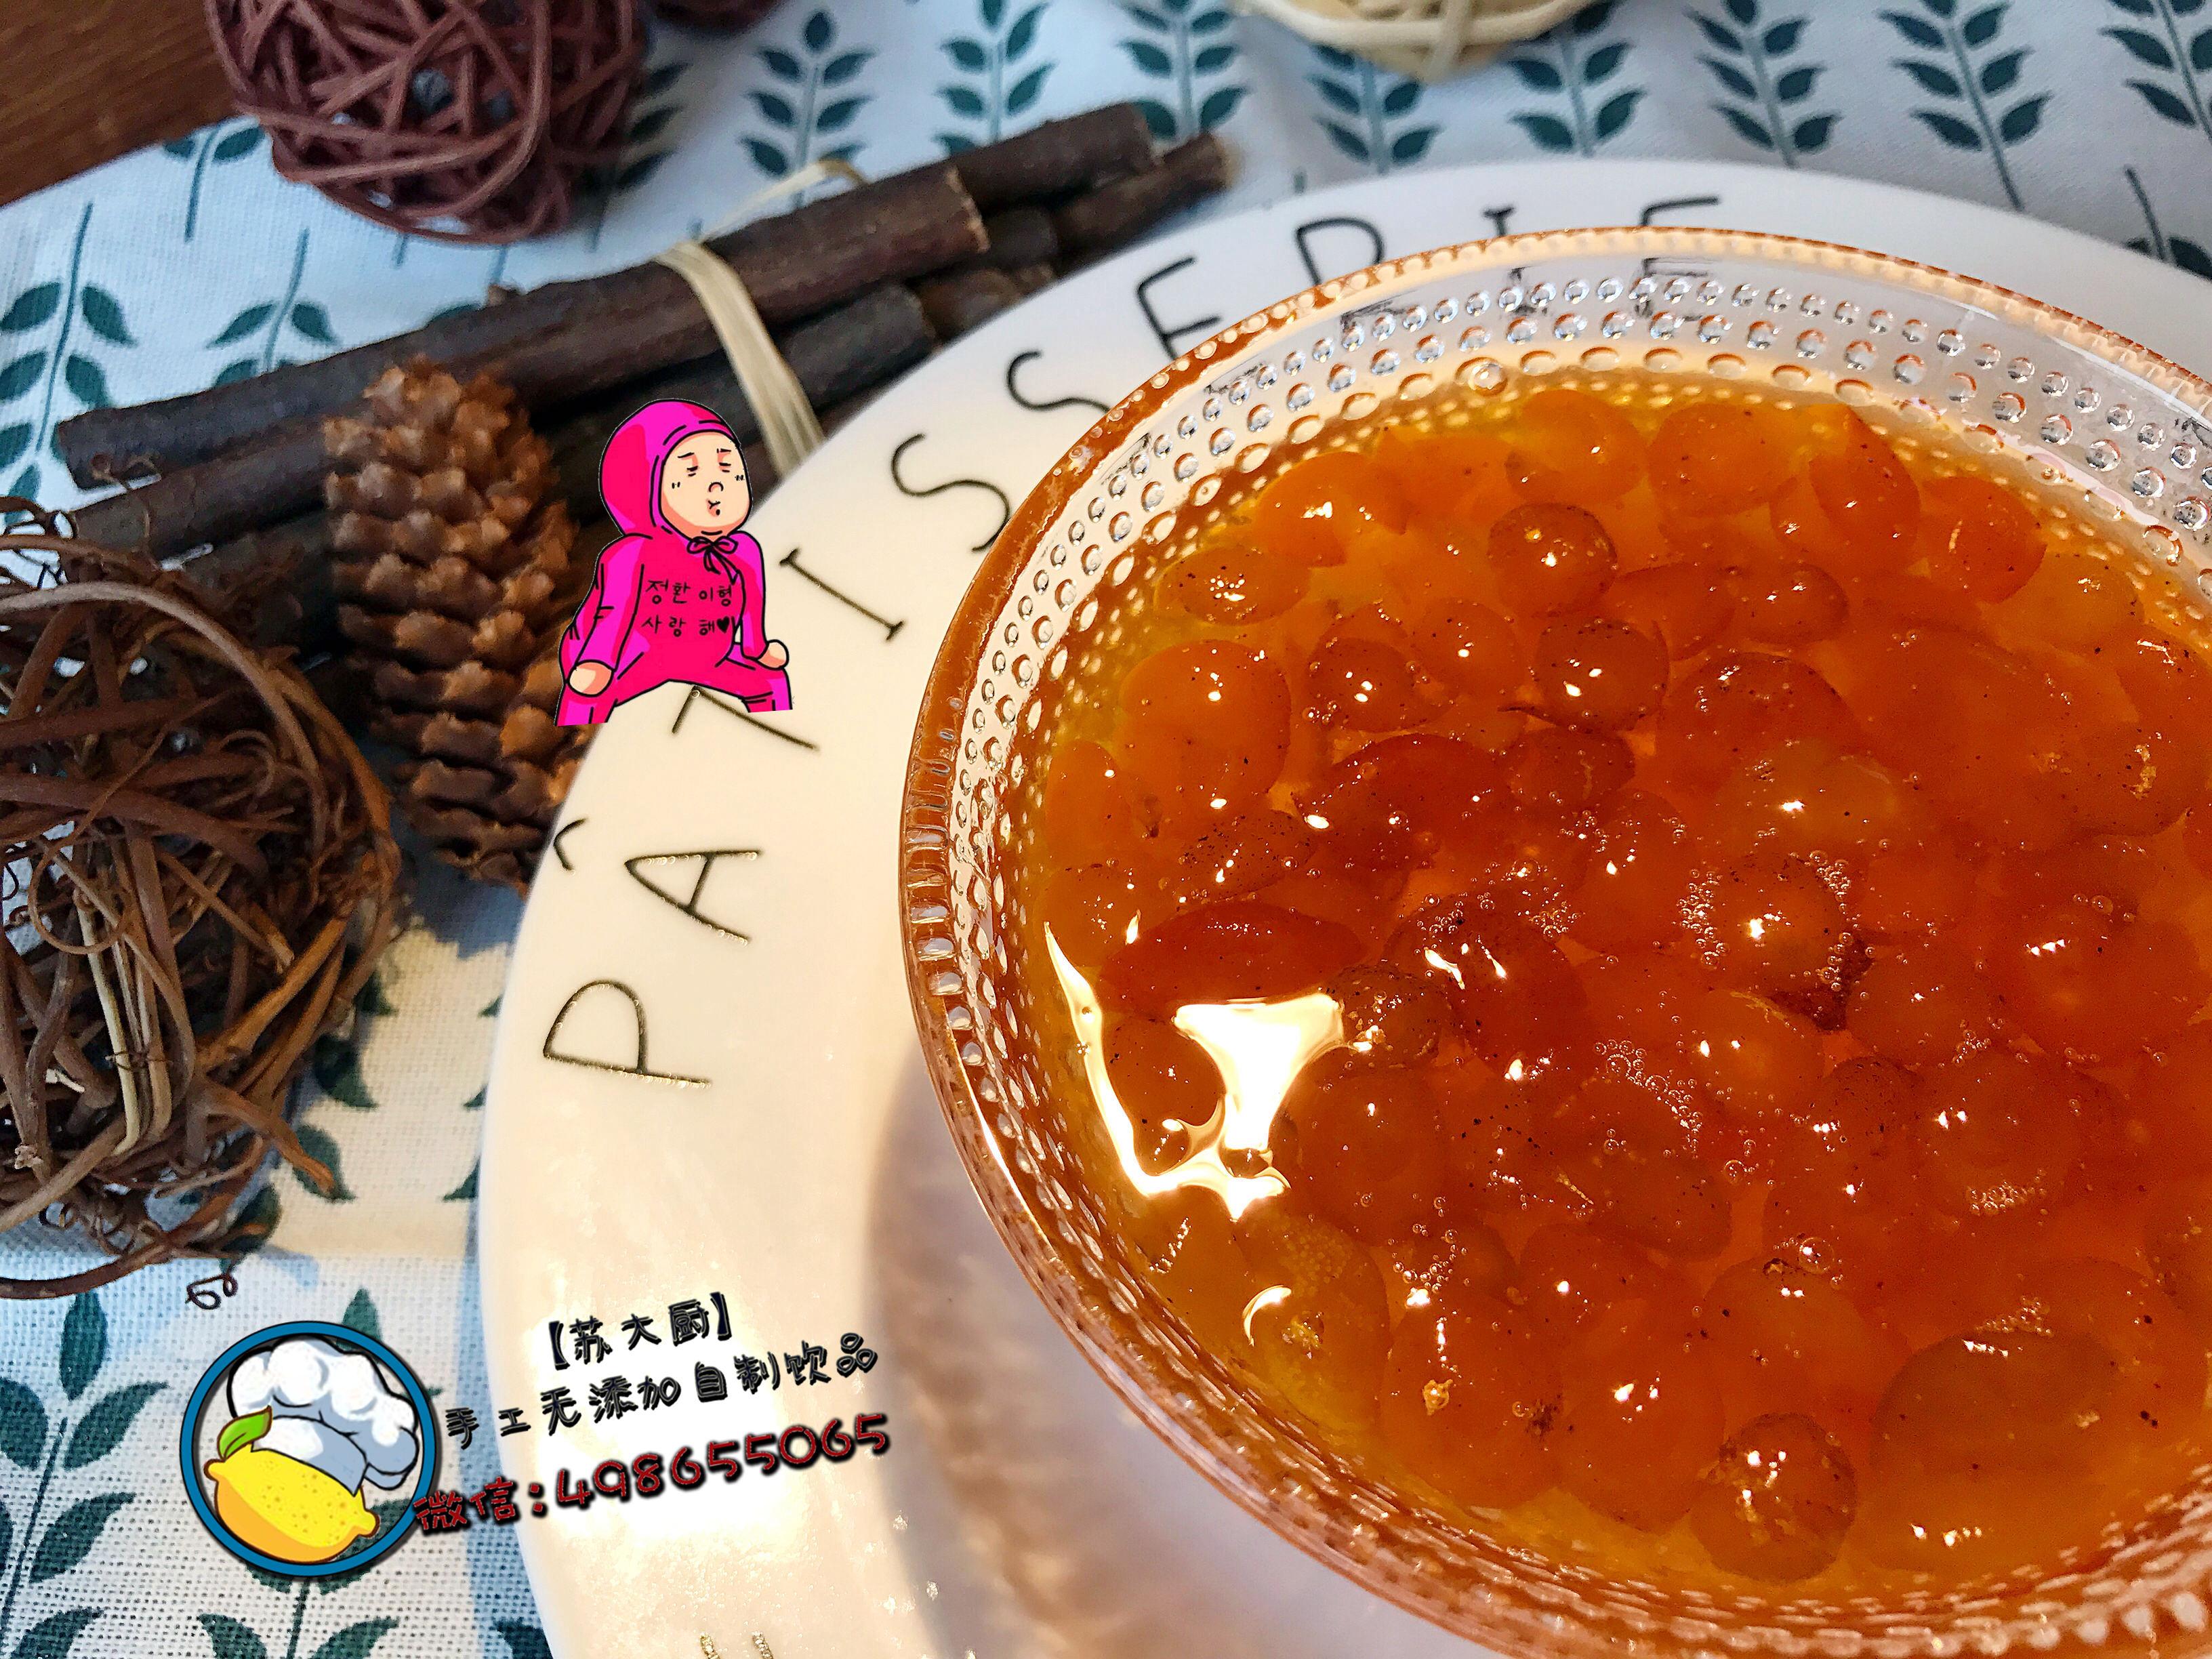 花果茶 蜂蜜水果茶 野生金桔 纯手工无添加 小野桔蜜茶 苏大厨